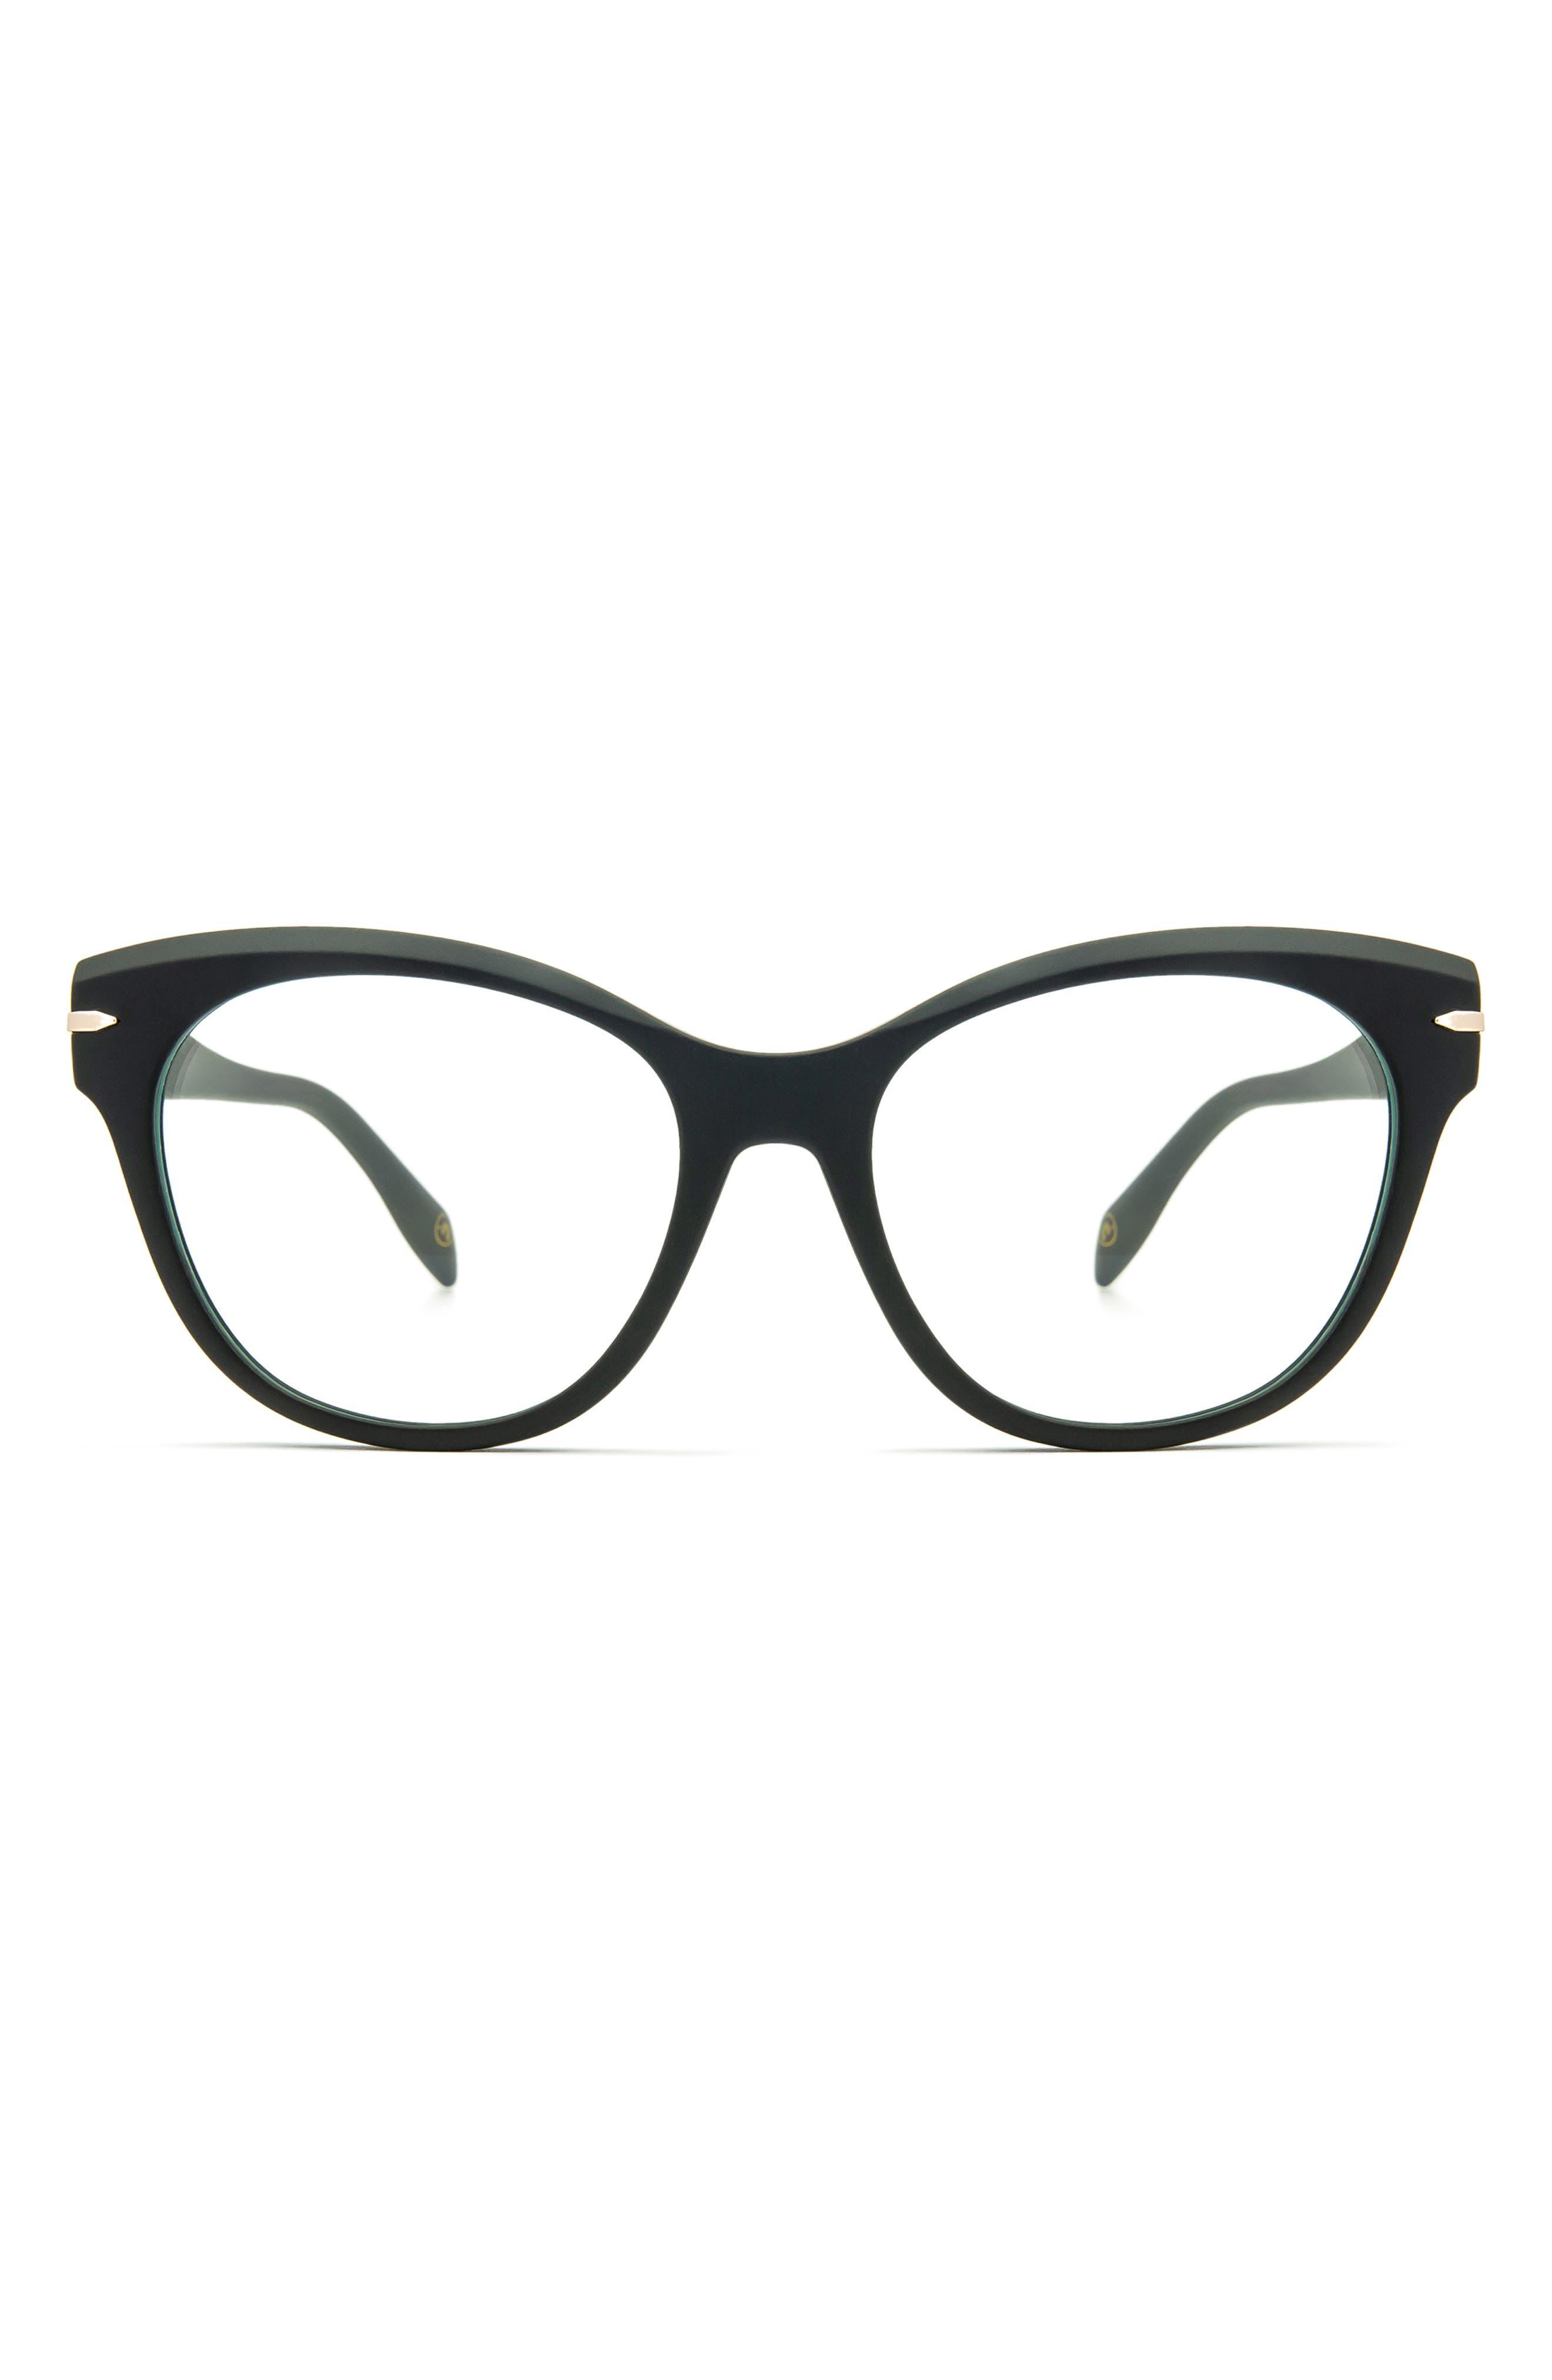 56mm Cat Eye Blue Light Blocking Glasses